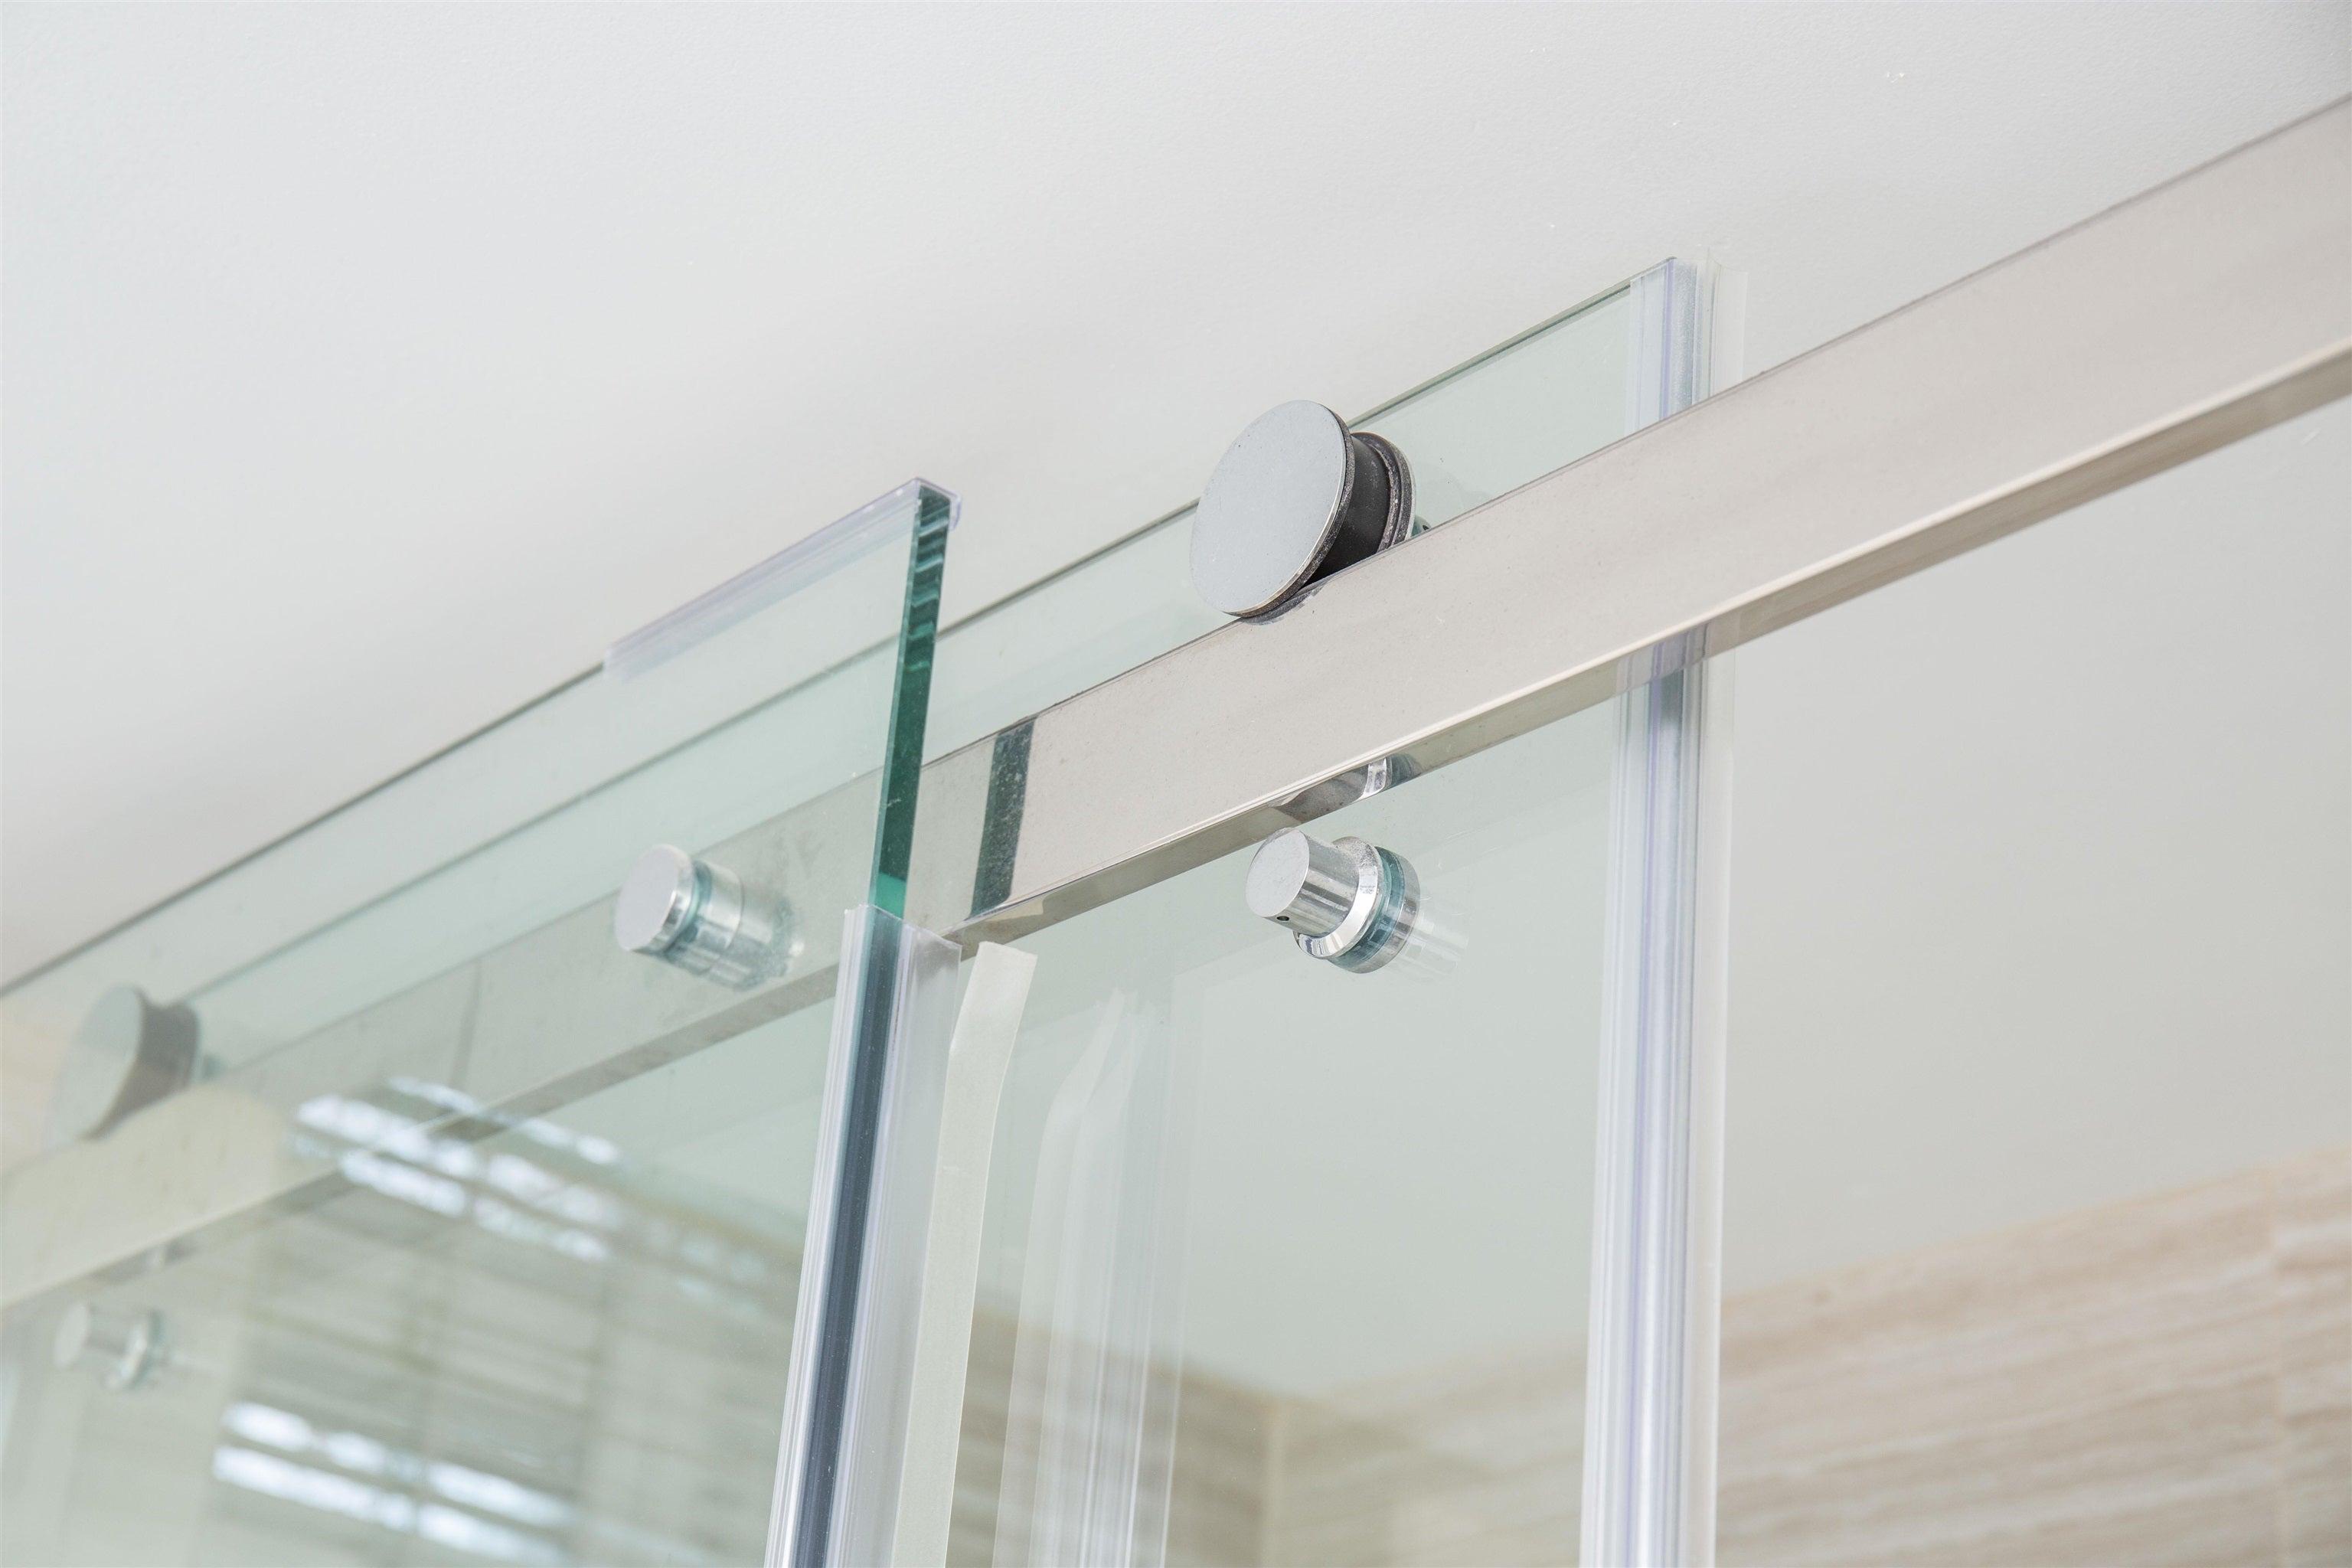 203 1390 DUCHESS AVENUE - Ambleside Apartment/Condo for sale, 1 Bedroom (R2611618) - #18